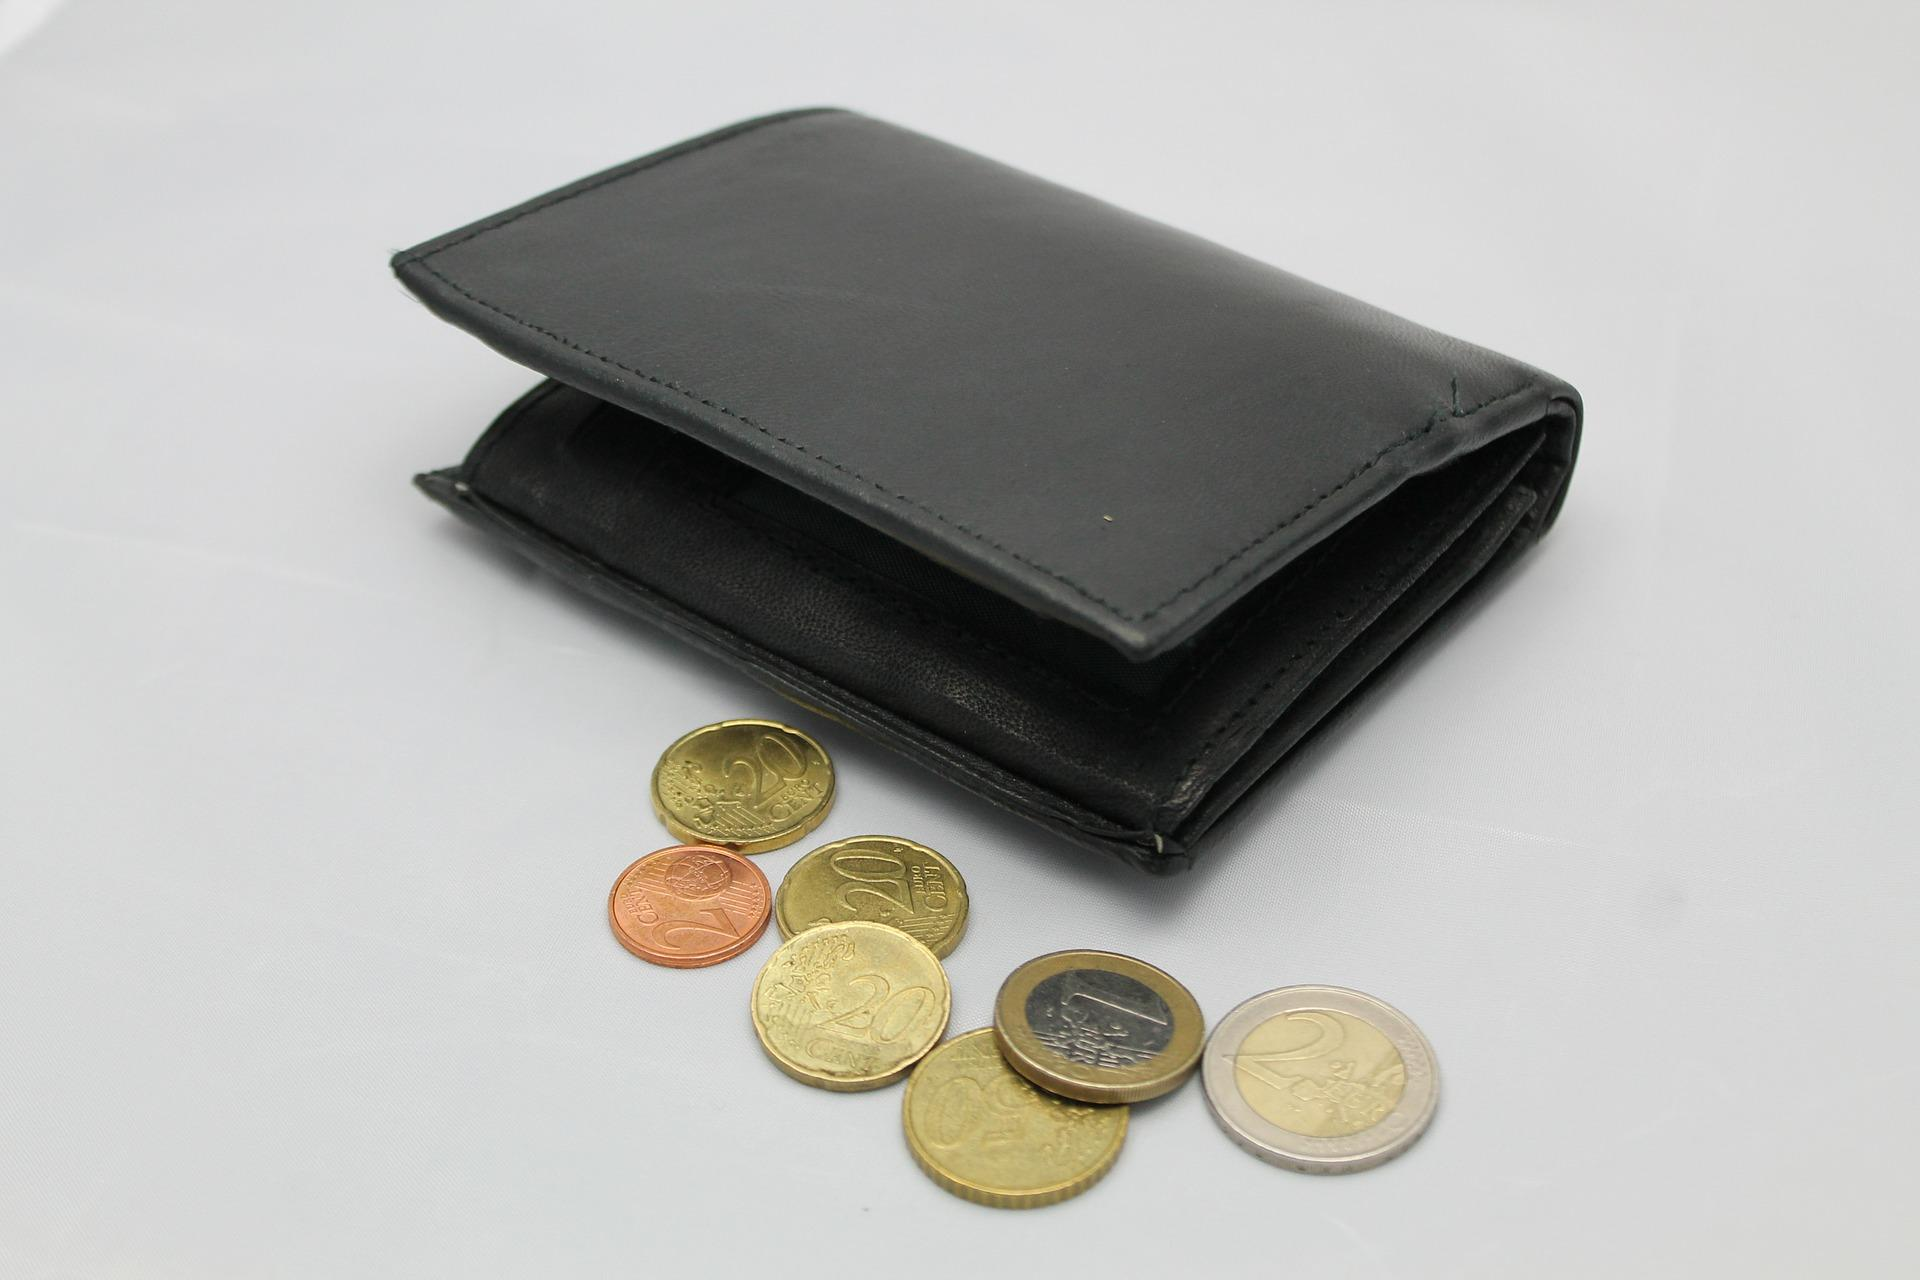 Vorsteuervergütungsantrag - Ausschlussfrist und Mindestangaben